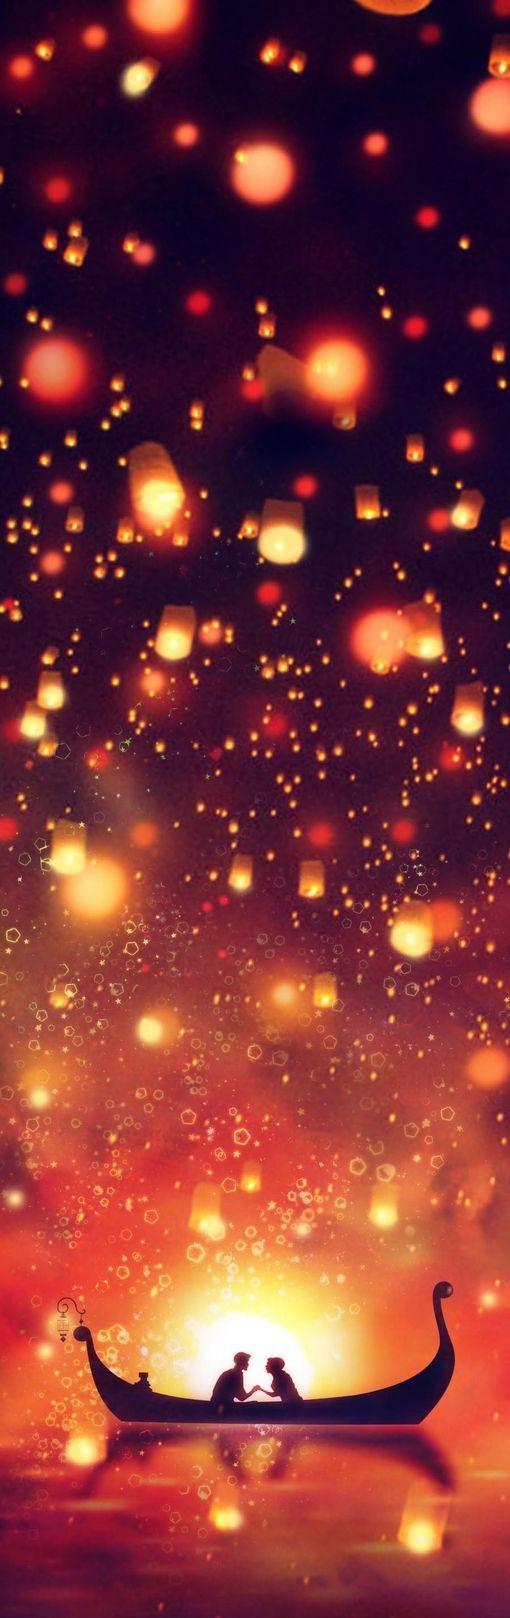 Best 25  Tangled wallpaper ideas on Pinterest | Disney wallpaper ... for Tangled Lanterns Iphone Wallpaper  56bof